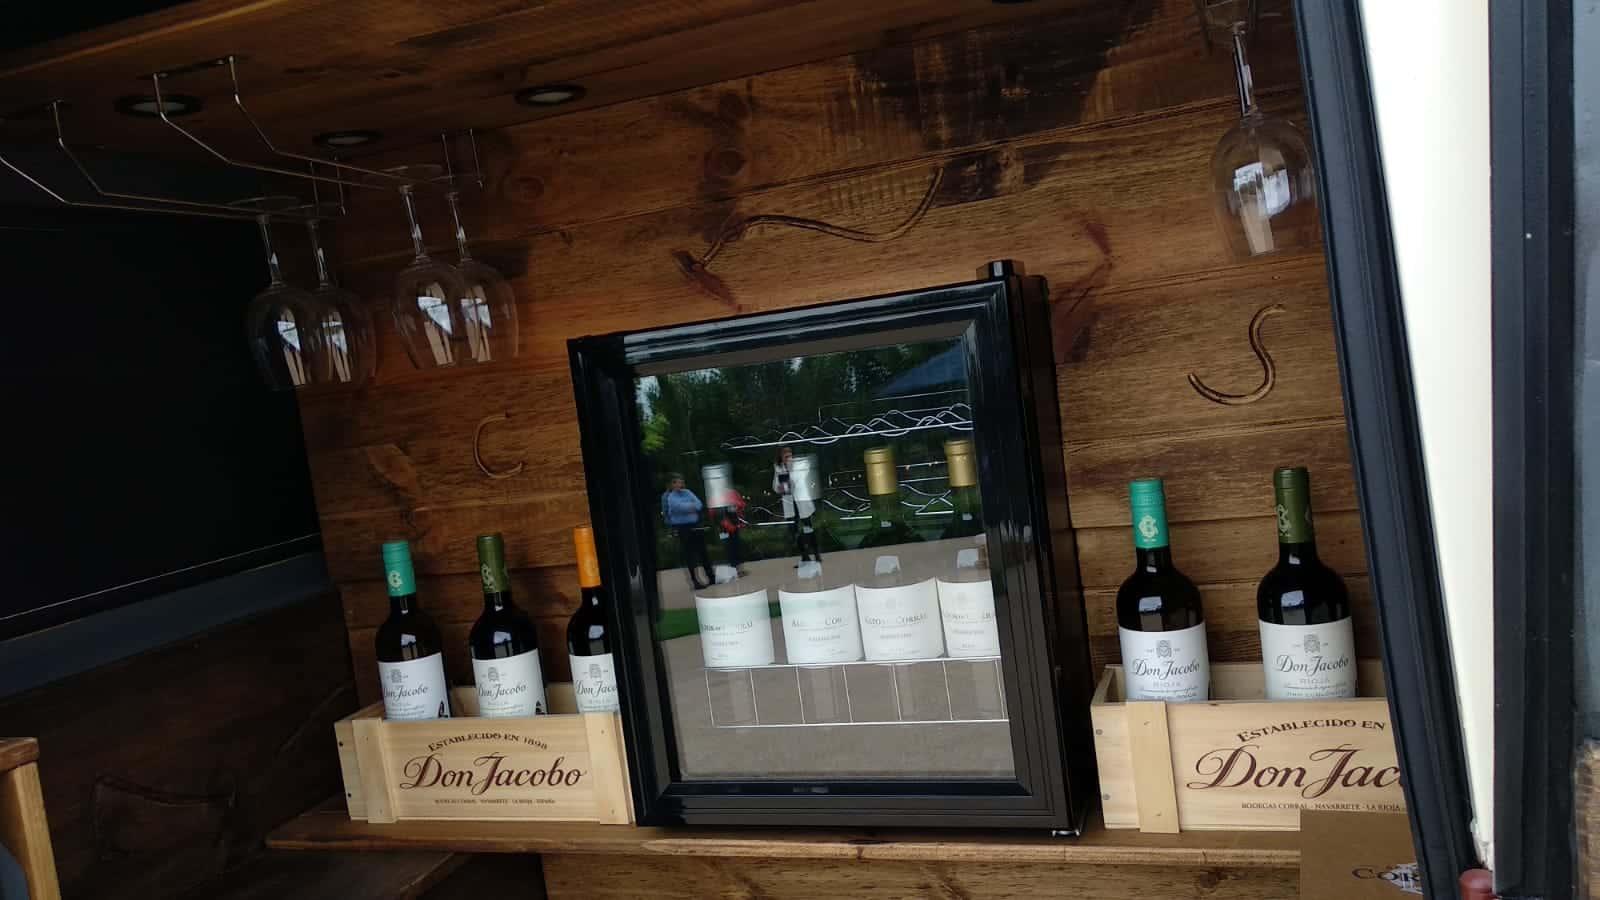 Bodegas Corral lanza su nueva oferta enoturística: terraza con vistas al viñedo y un depósito convertido en sala de catas 5